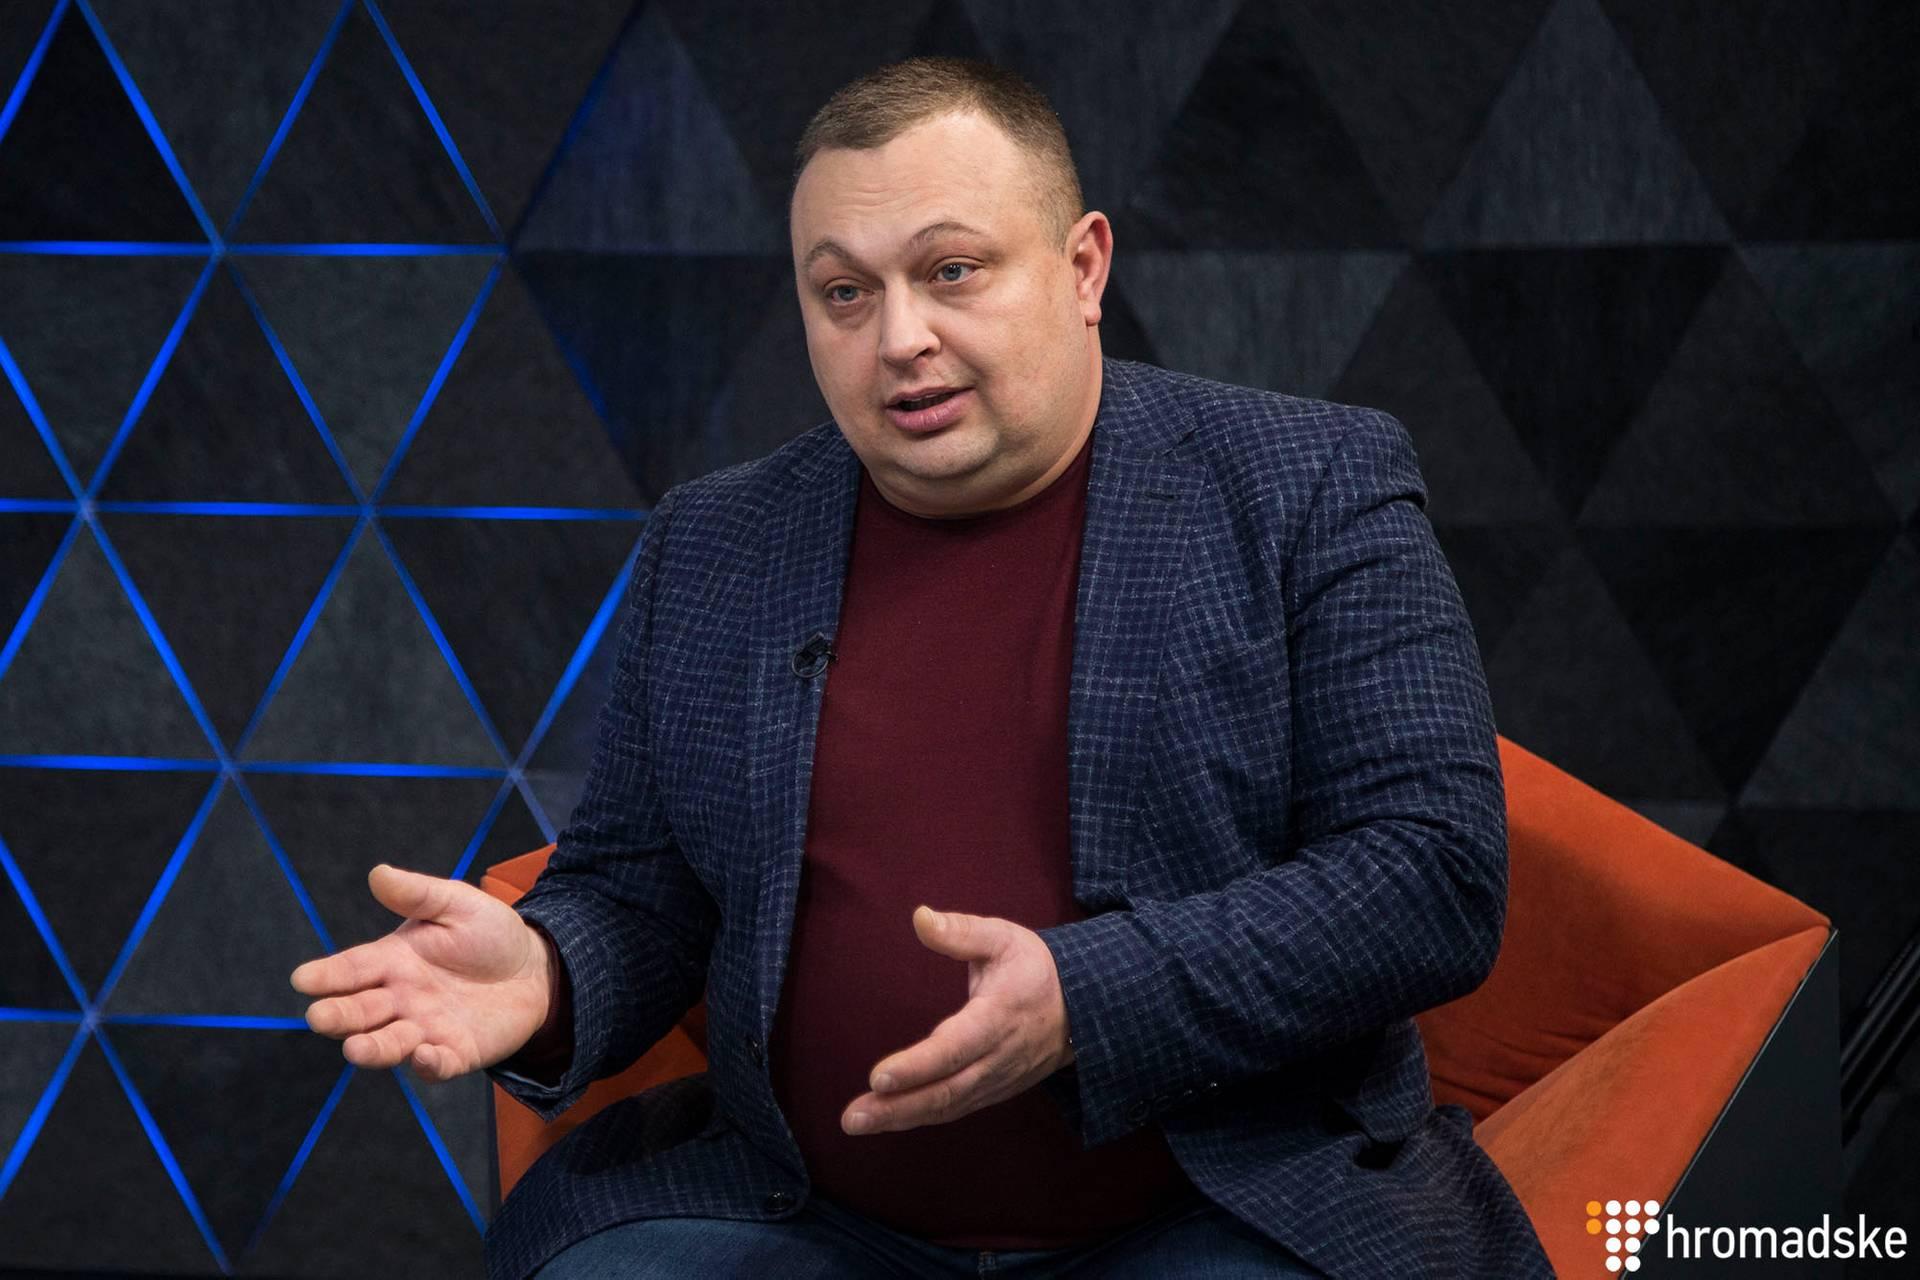 Директор соціологічної групи Рейтинг Олексій Антипович в студії Громадського, Київ, 17 січня 2019 року